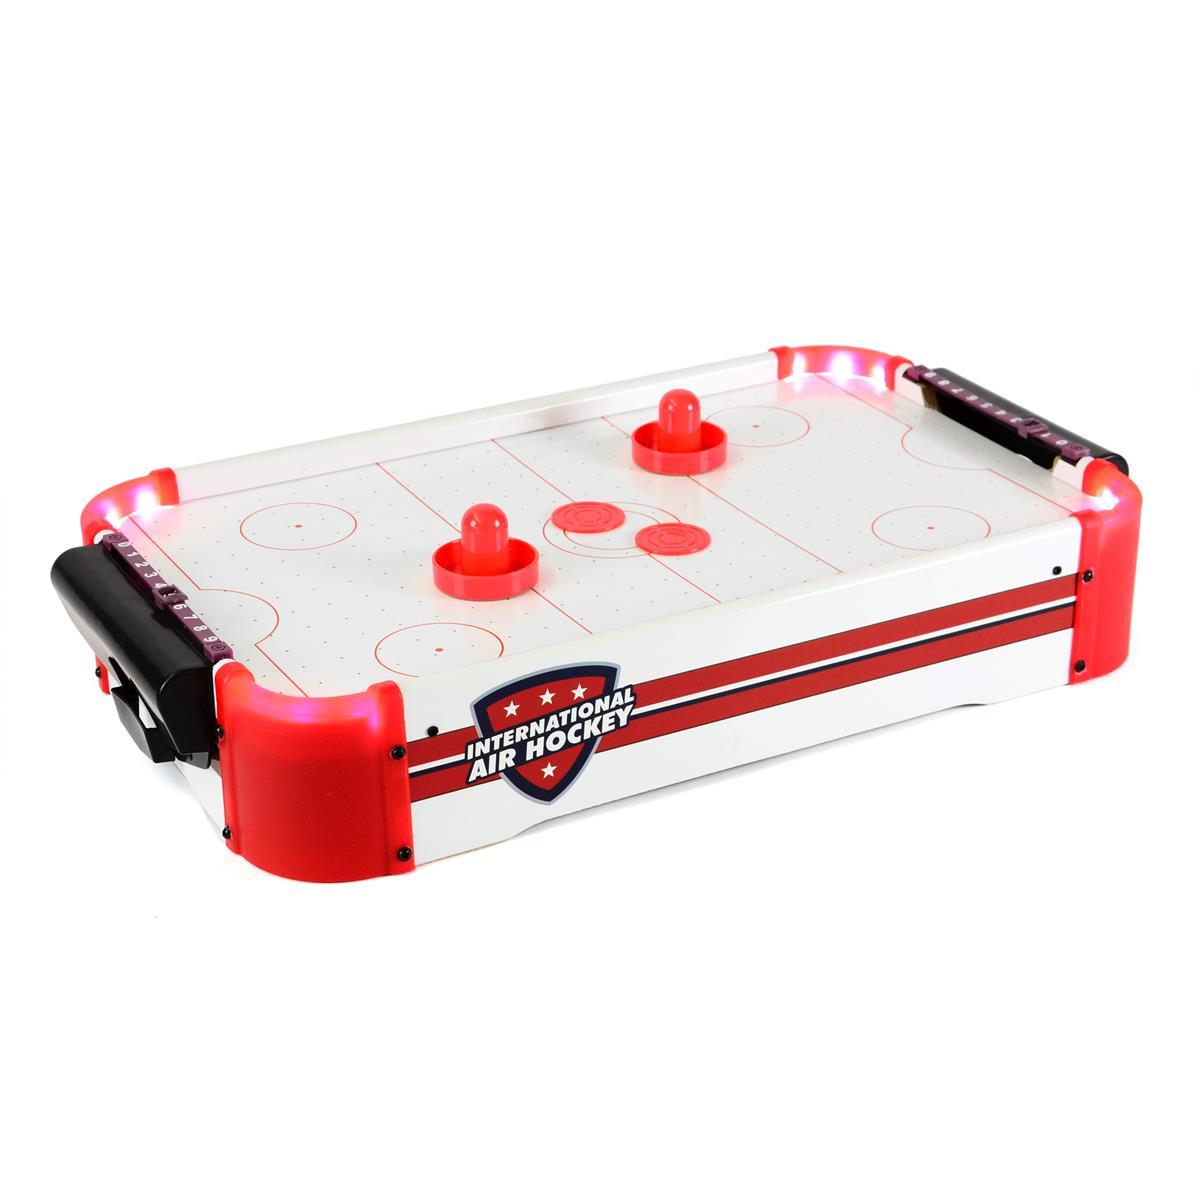 Mini Air-Hockey Spiel Tischspiel mit LED Beleuchtung Batterie betrieben